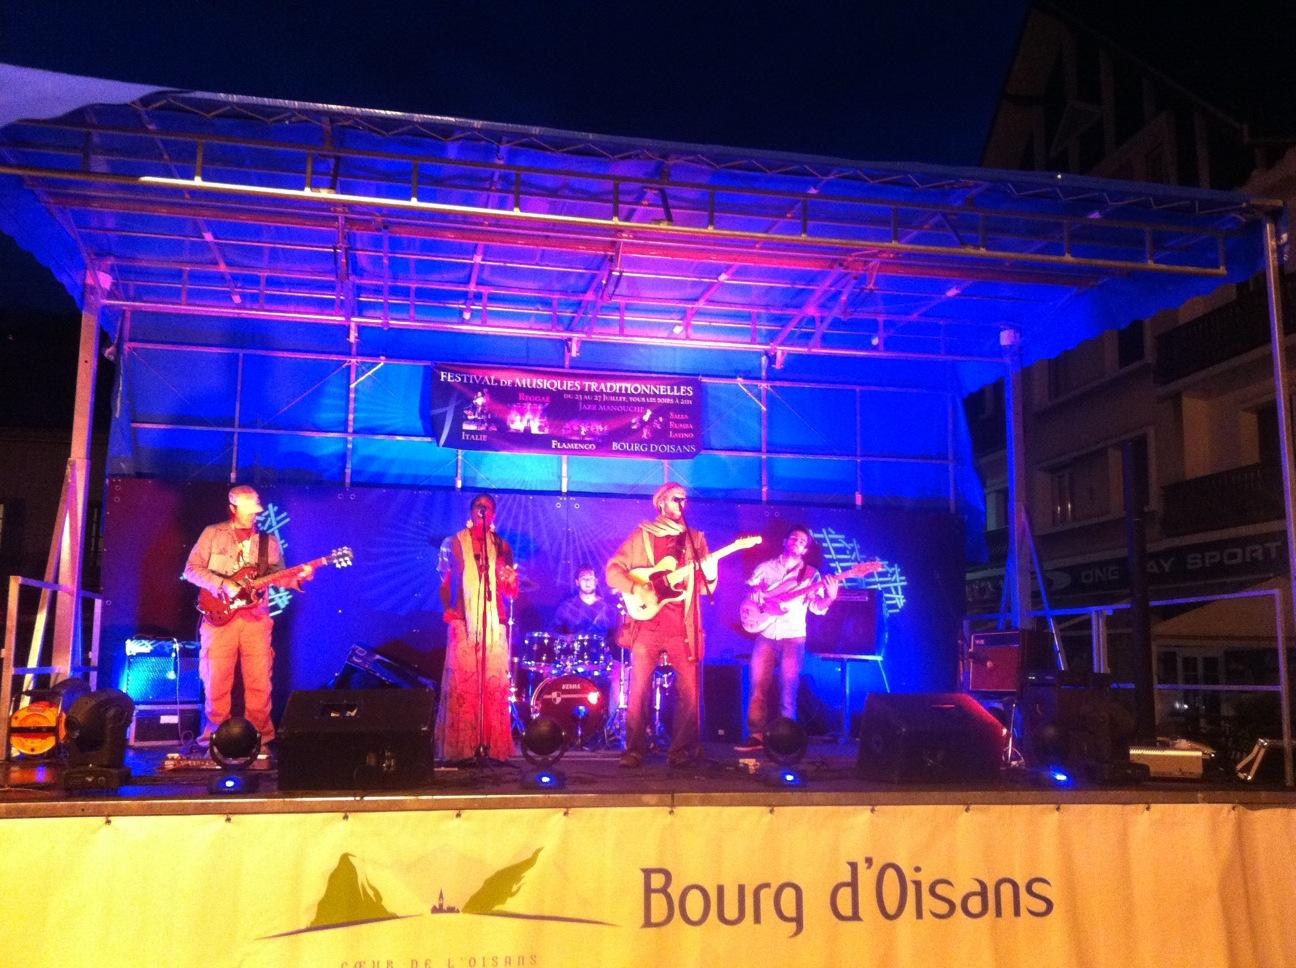 News de l 39 office de tourisme bourg d 39 oisans juillet 2011 - Bourg d oisans office tourisme ...